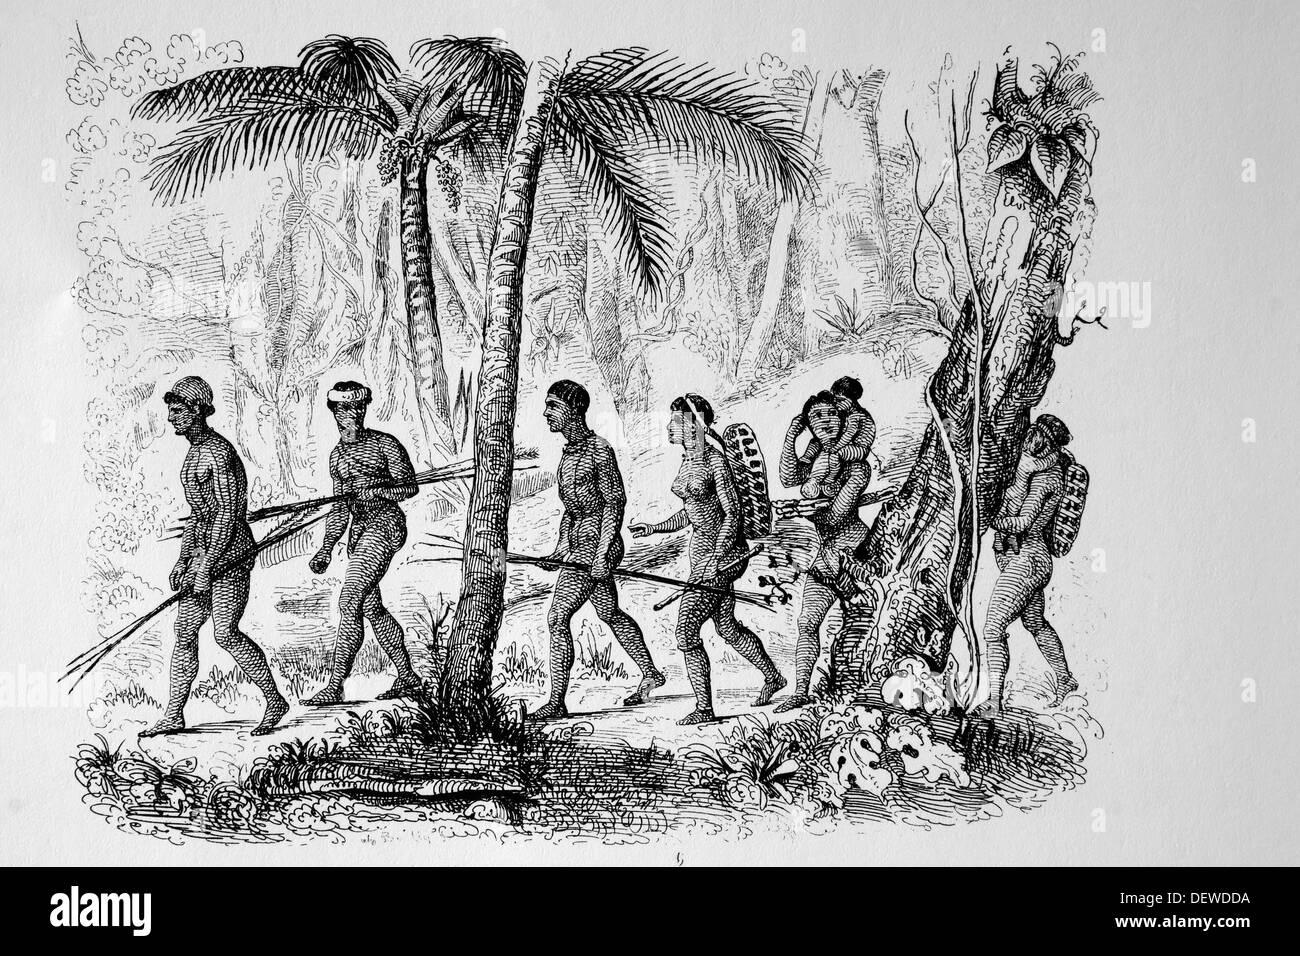 Los miembros de la tribu Puri, Centro de Brasil, c.1840. Están extintas.  Grabado.